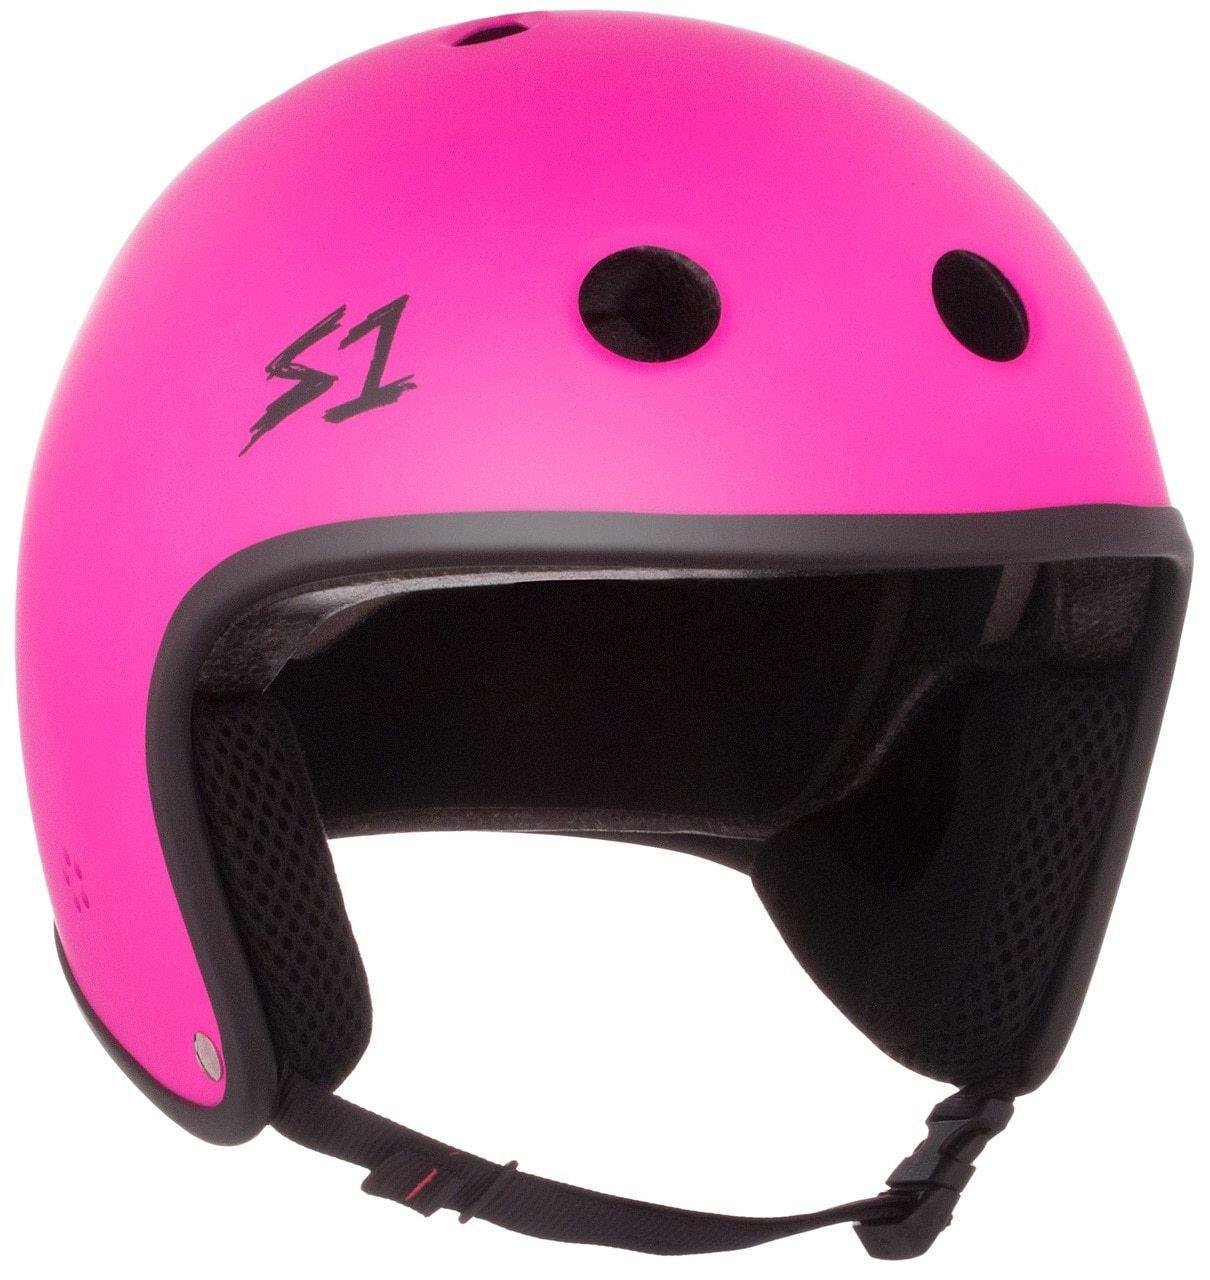 S1 Retro Lifer  Helmet - Neon Pink Matte  great offers